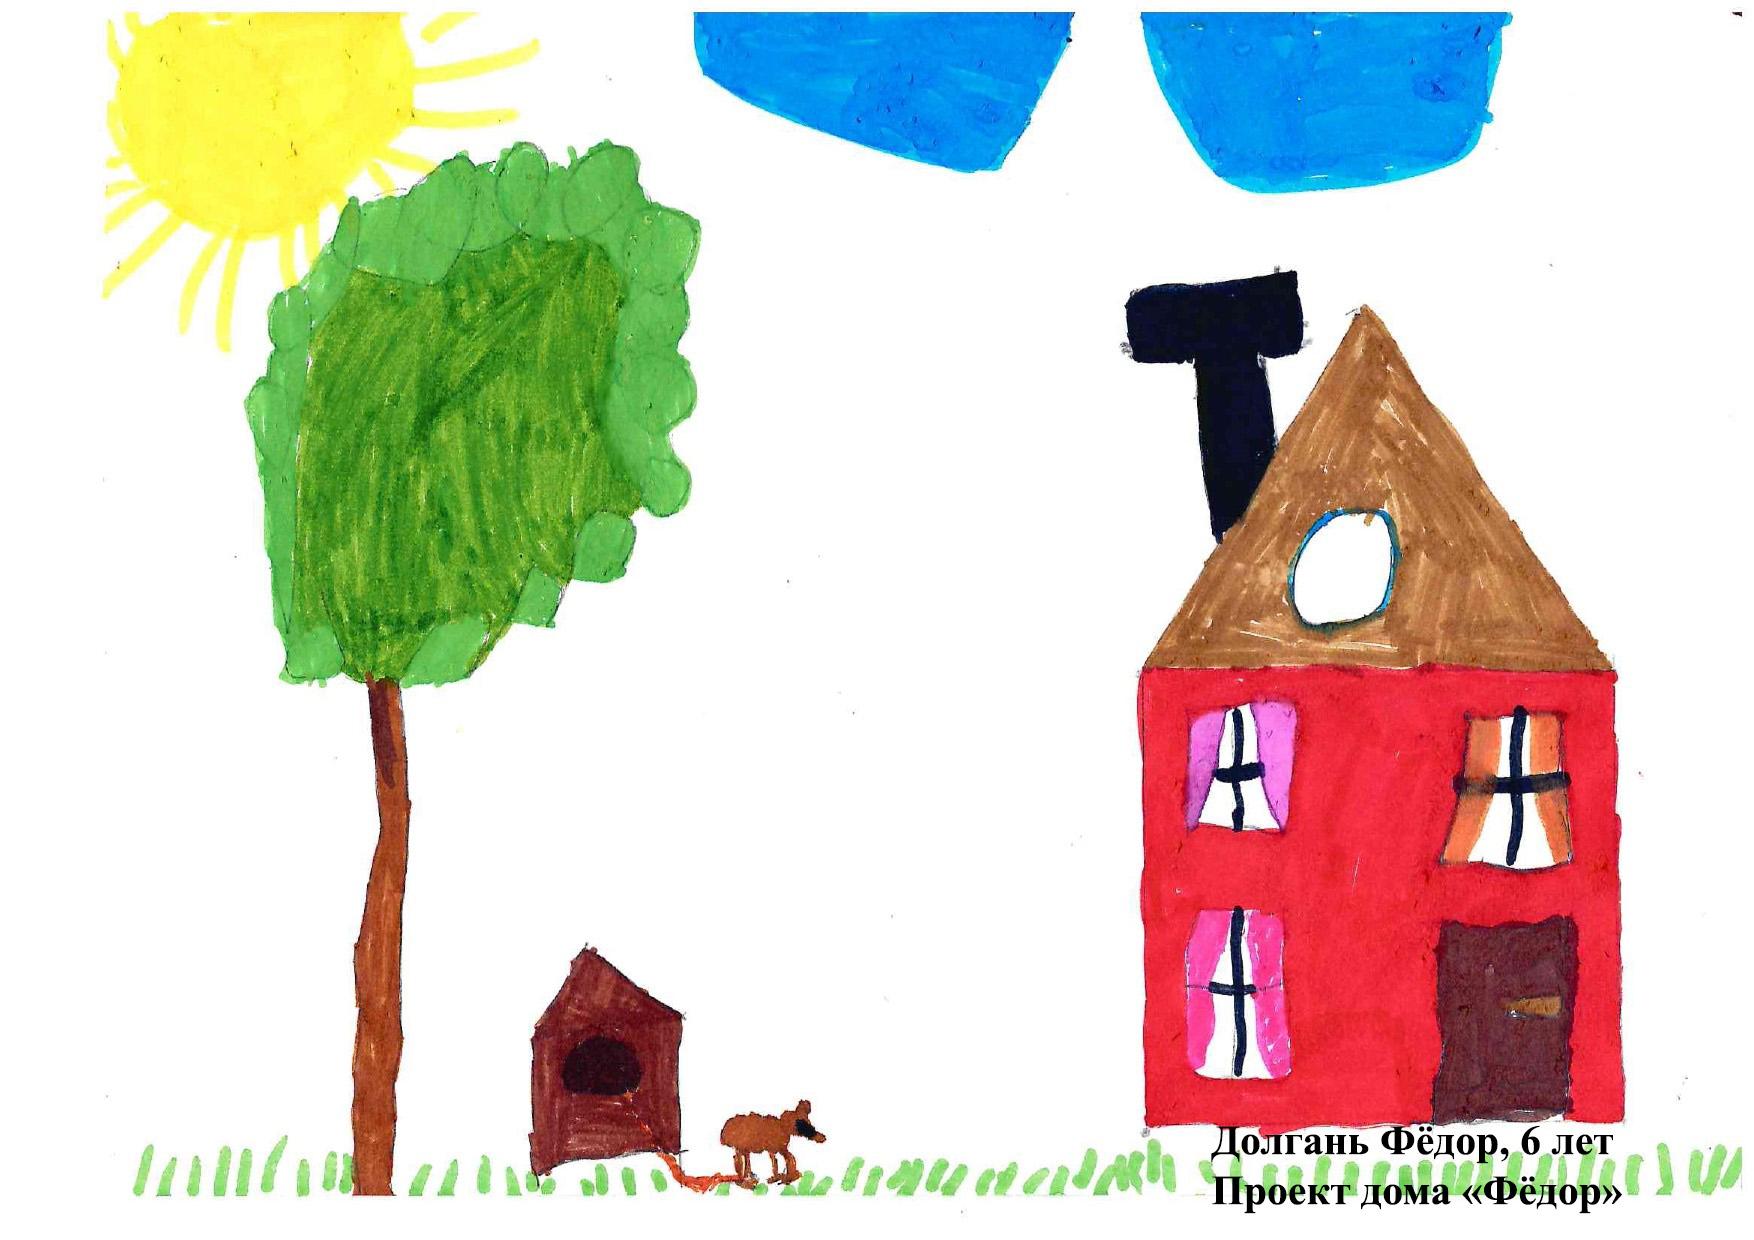 """Представляем проект дома """"Усадьба Фёдора"""". Автор работы Фёдор Долгань, 6 лет."""